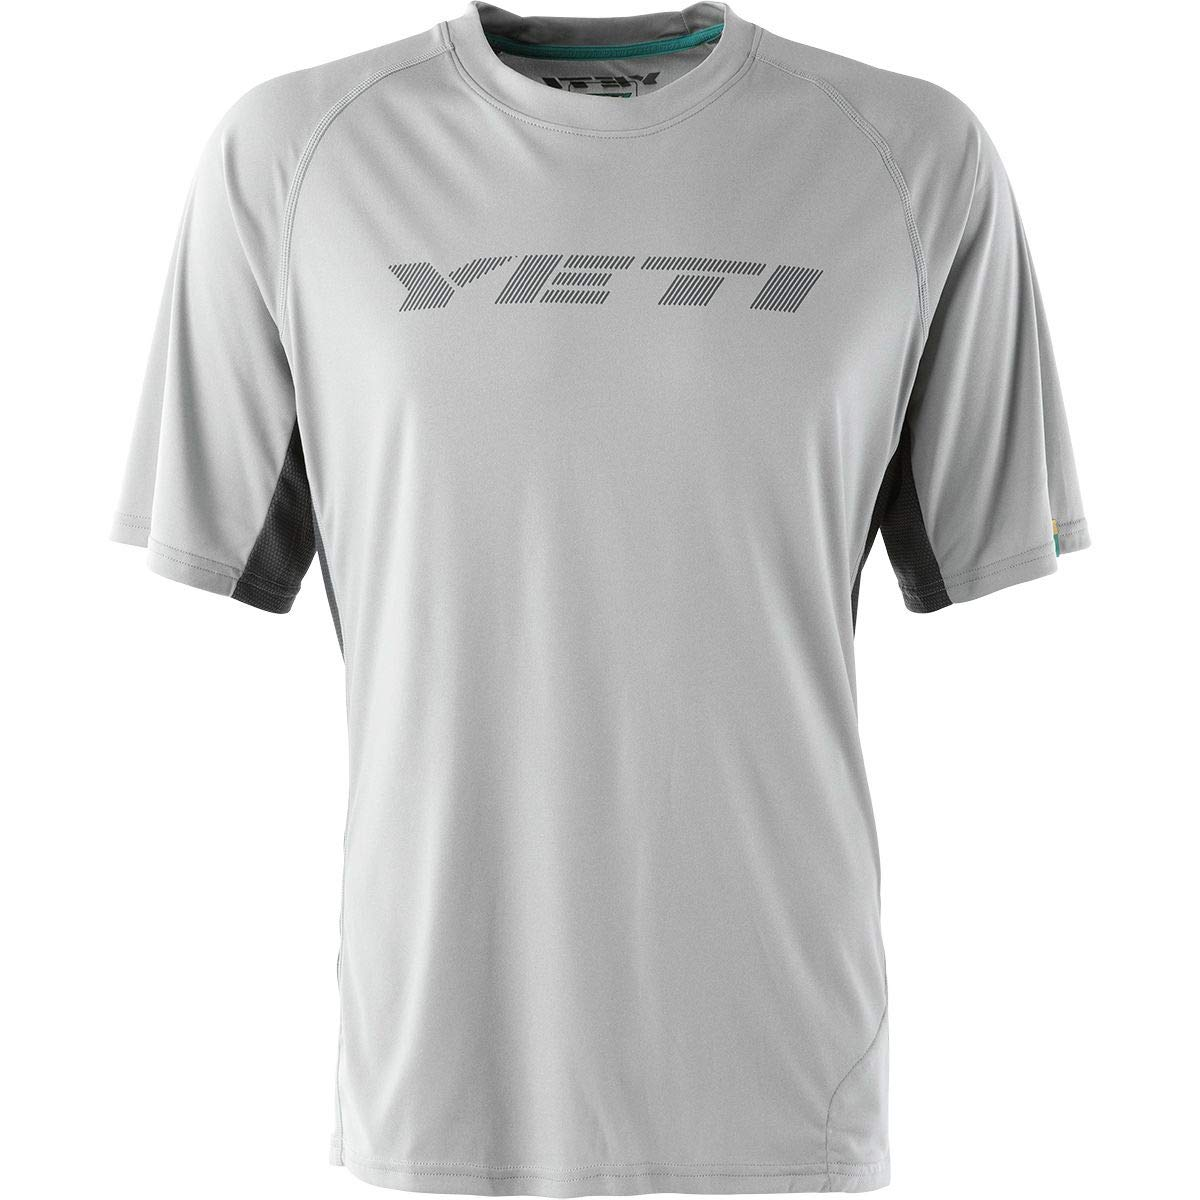 (イエティサイクル) Yeti Cycles Tolland Jersey メンズ サイクルジャージLight Grey [並行輸入品] 日本サイズ L相当 (US M) Light Grey B07H59HVL7